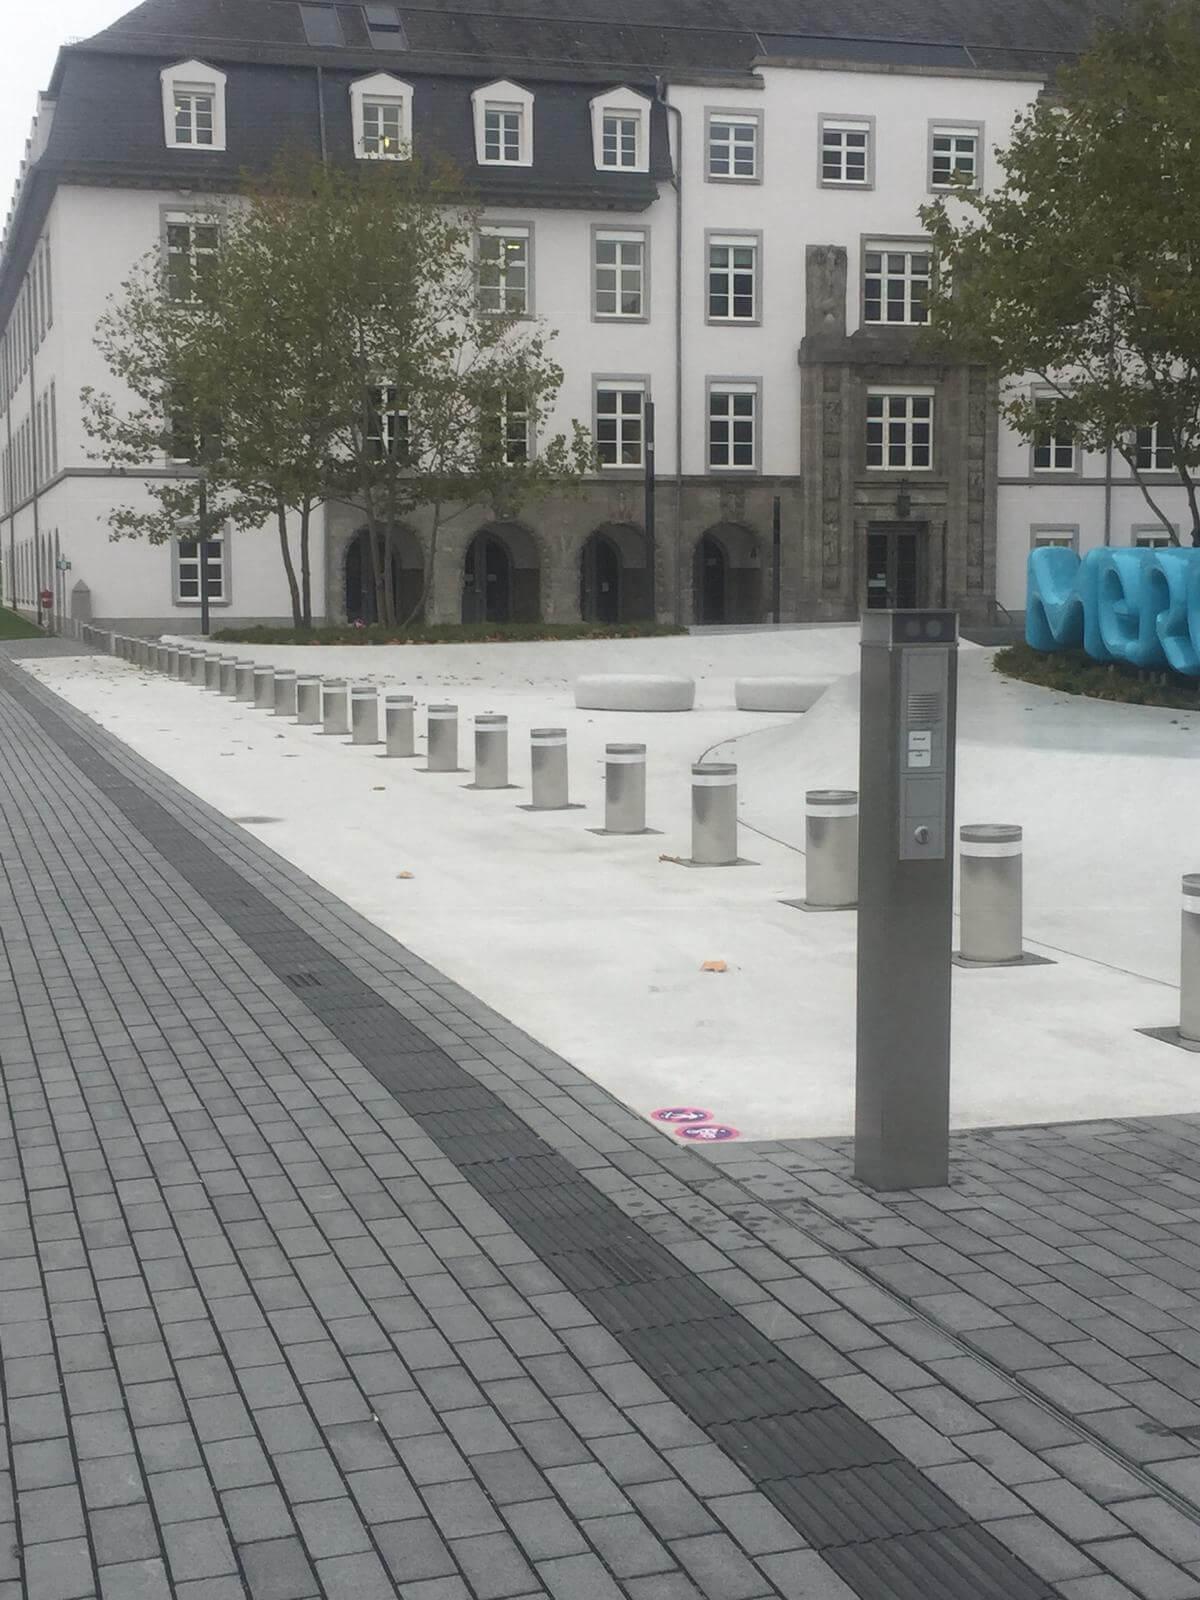 versenkbare Poller in Edelstahl auf öffentlich zugänglichem Platz